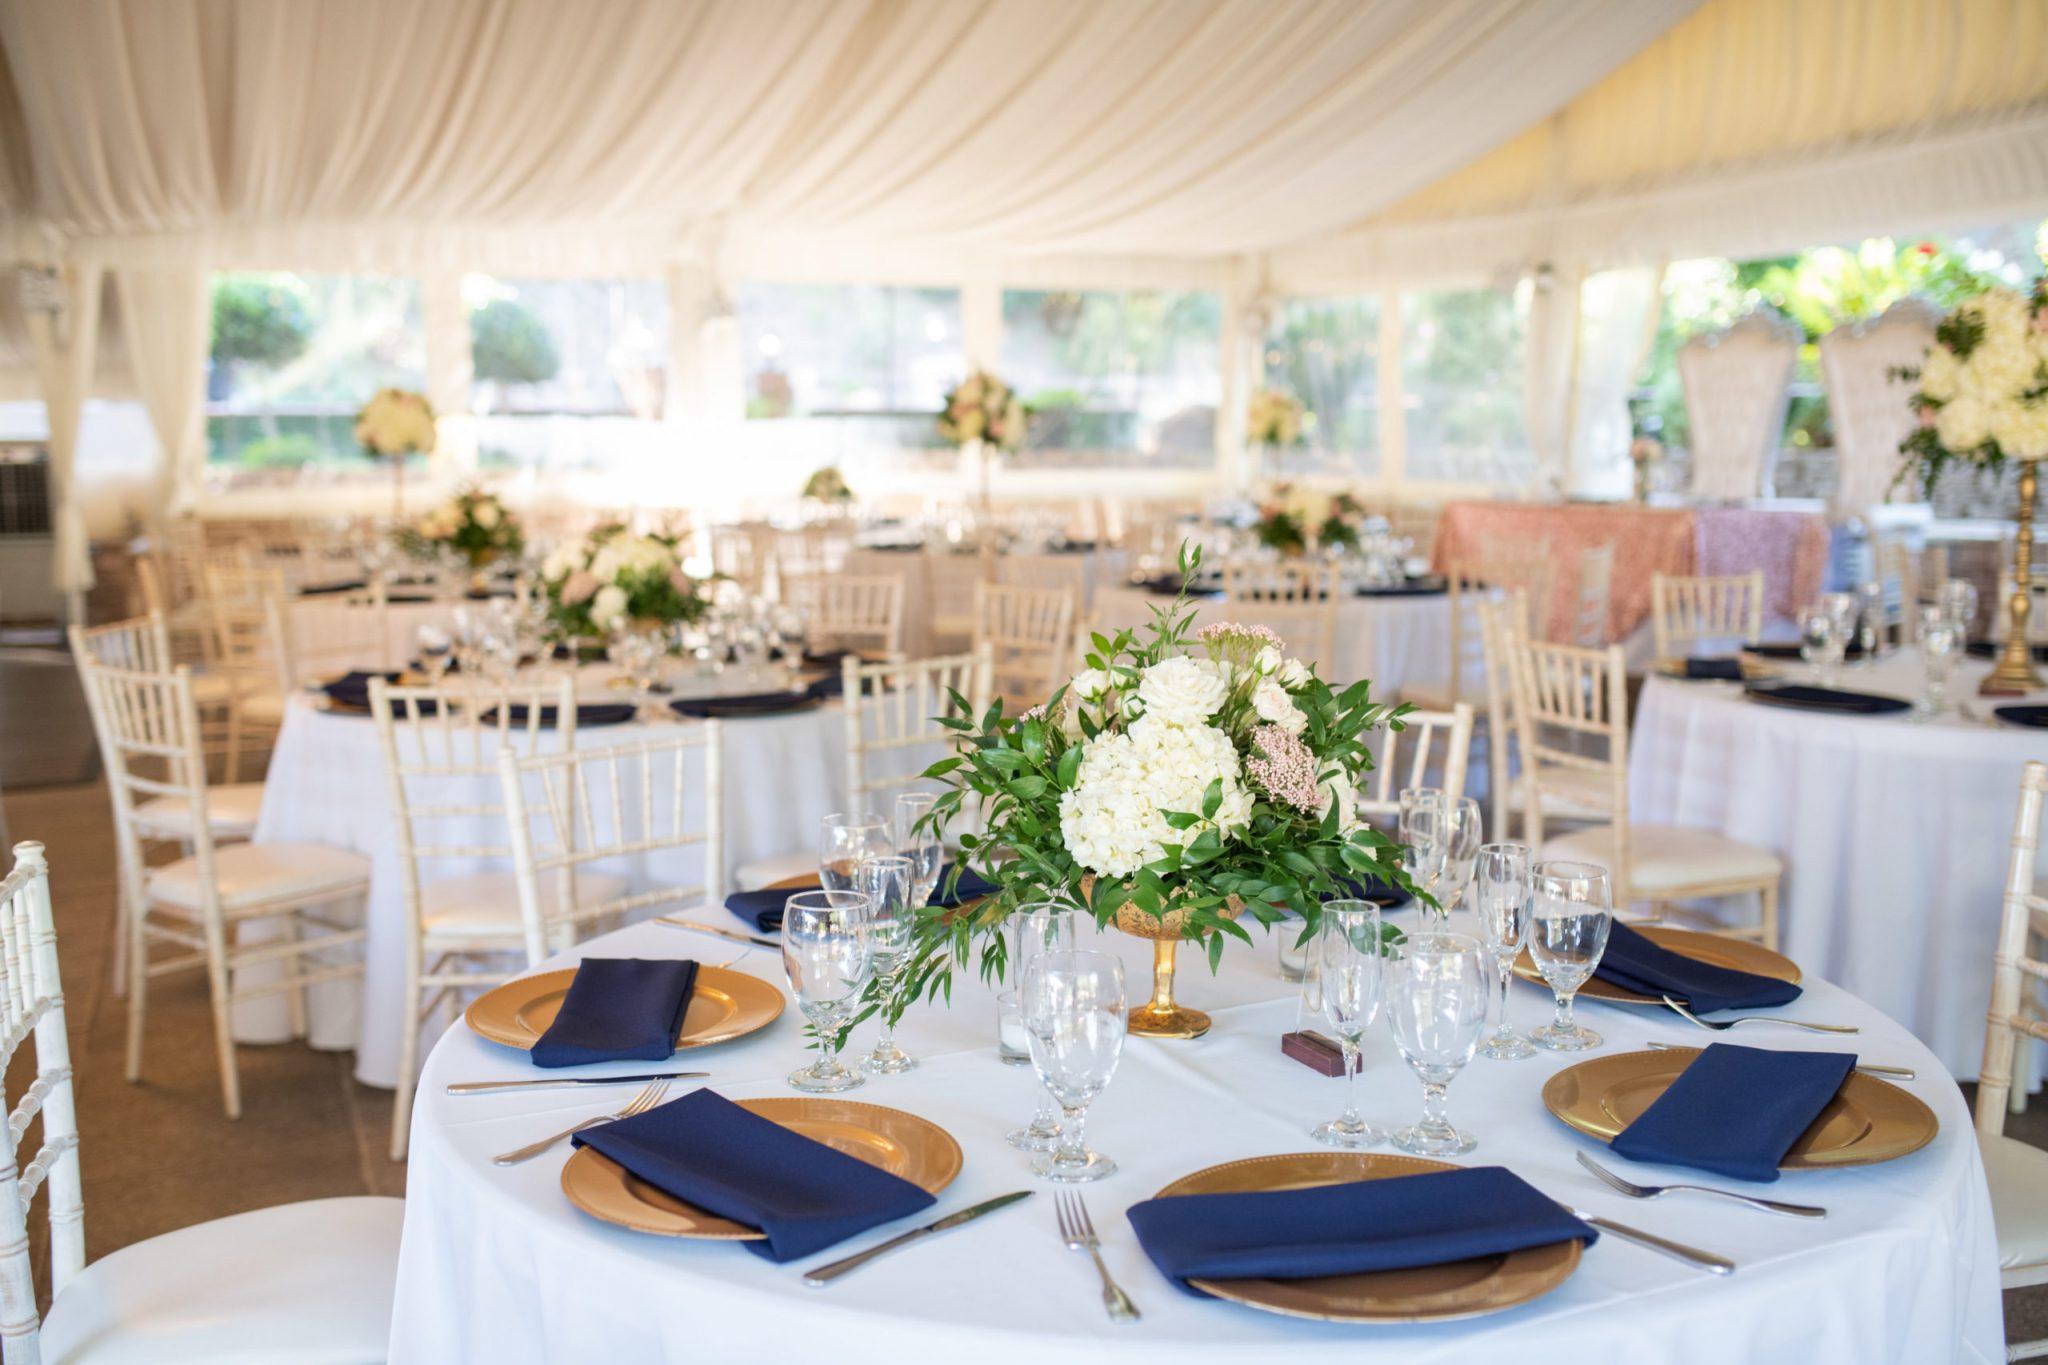 Matt Chrissy Wedding 5002 scaled